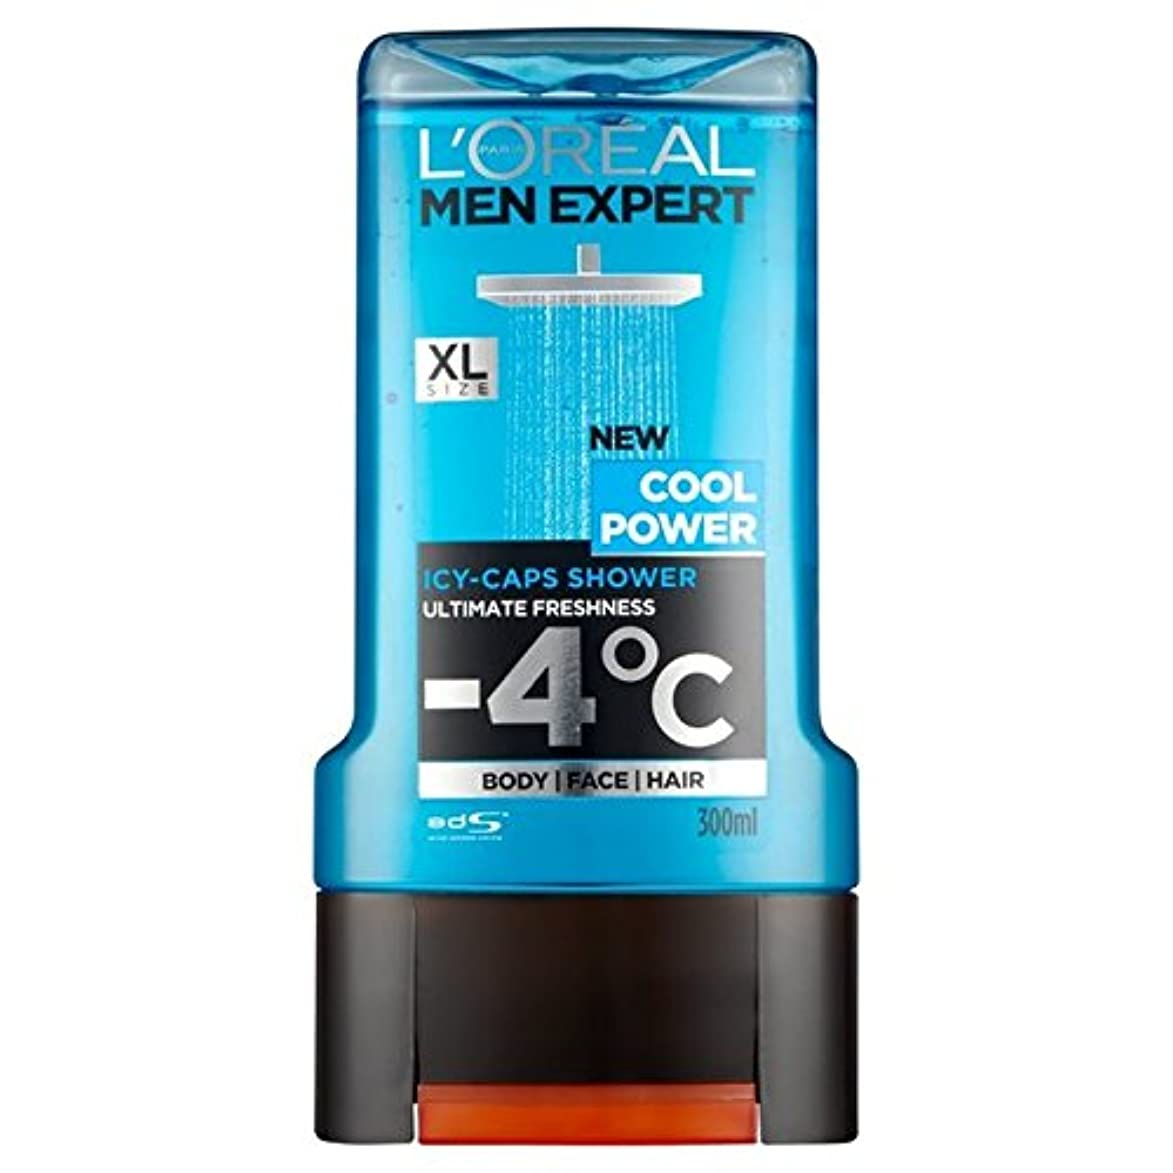 アルカトラズ島配置保護L'Oreal Paris Men Expert Cool Power Shower Gel 300ml - ロレアルパリの男性の専門家のクールなパワーシャワージェル300ミリリットル [並行輸入品]